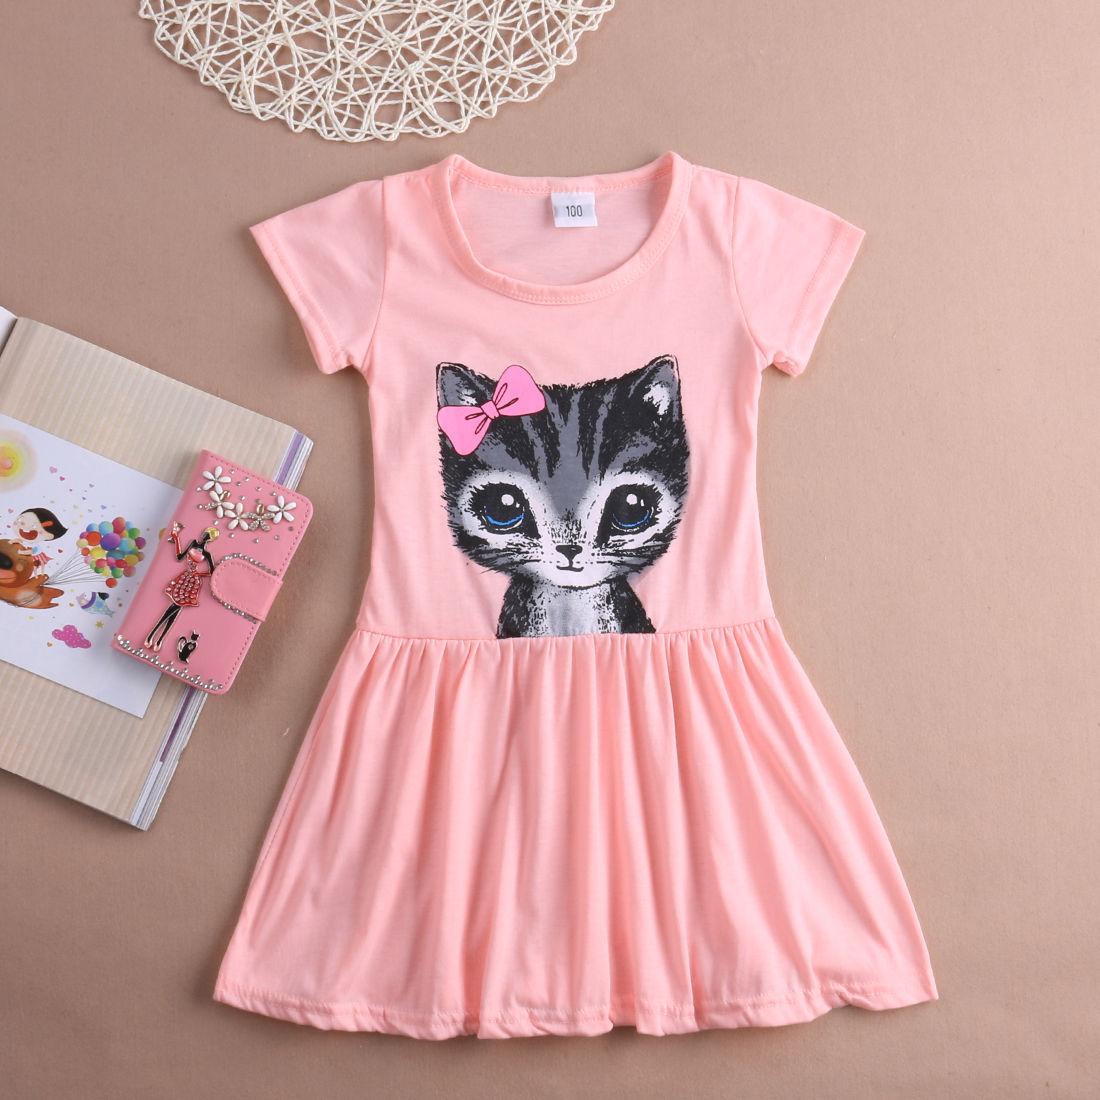 Kleinkind Infant Kinder Baby Mädchen Sommer Kurzarm Kleid Prinzessin Party Tutu Kleid